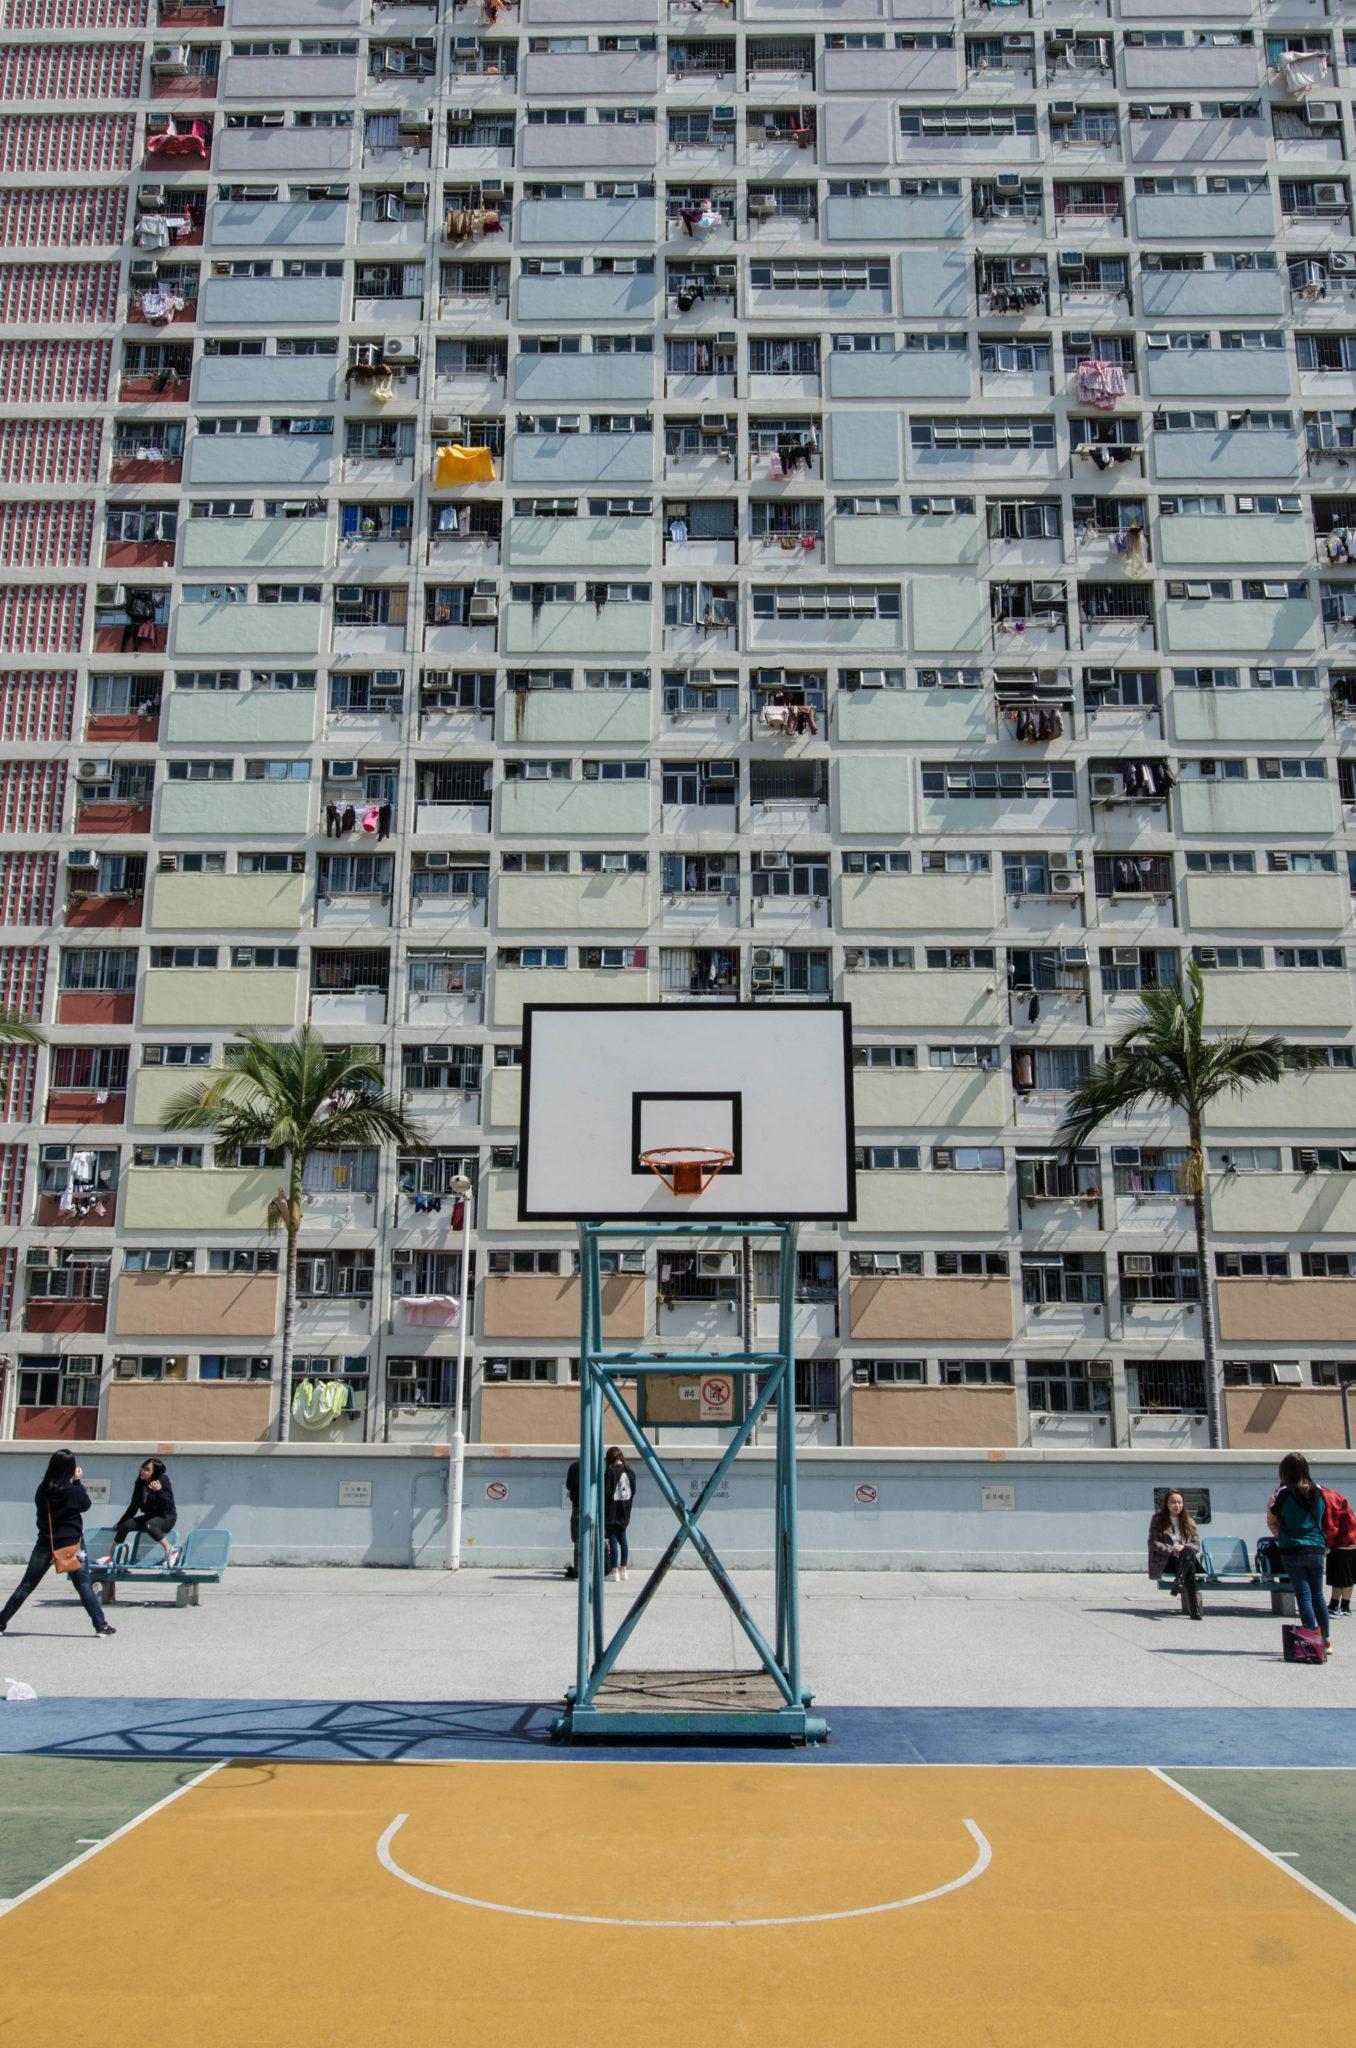 Hongkong Reisetipps: Das Choi Hung Estate ist ein Instagram-Liebling